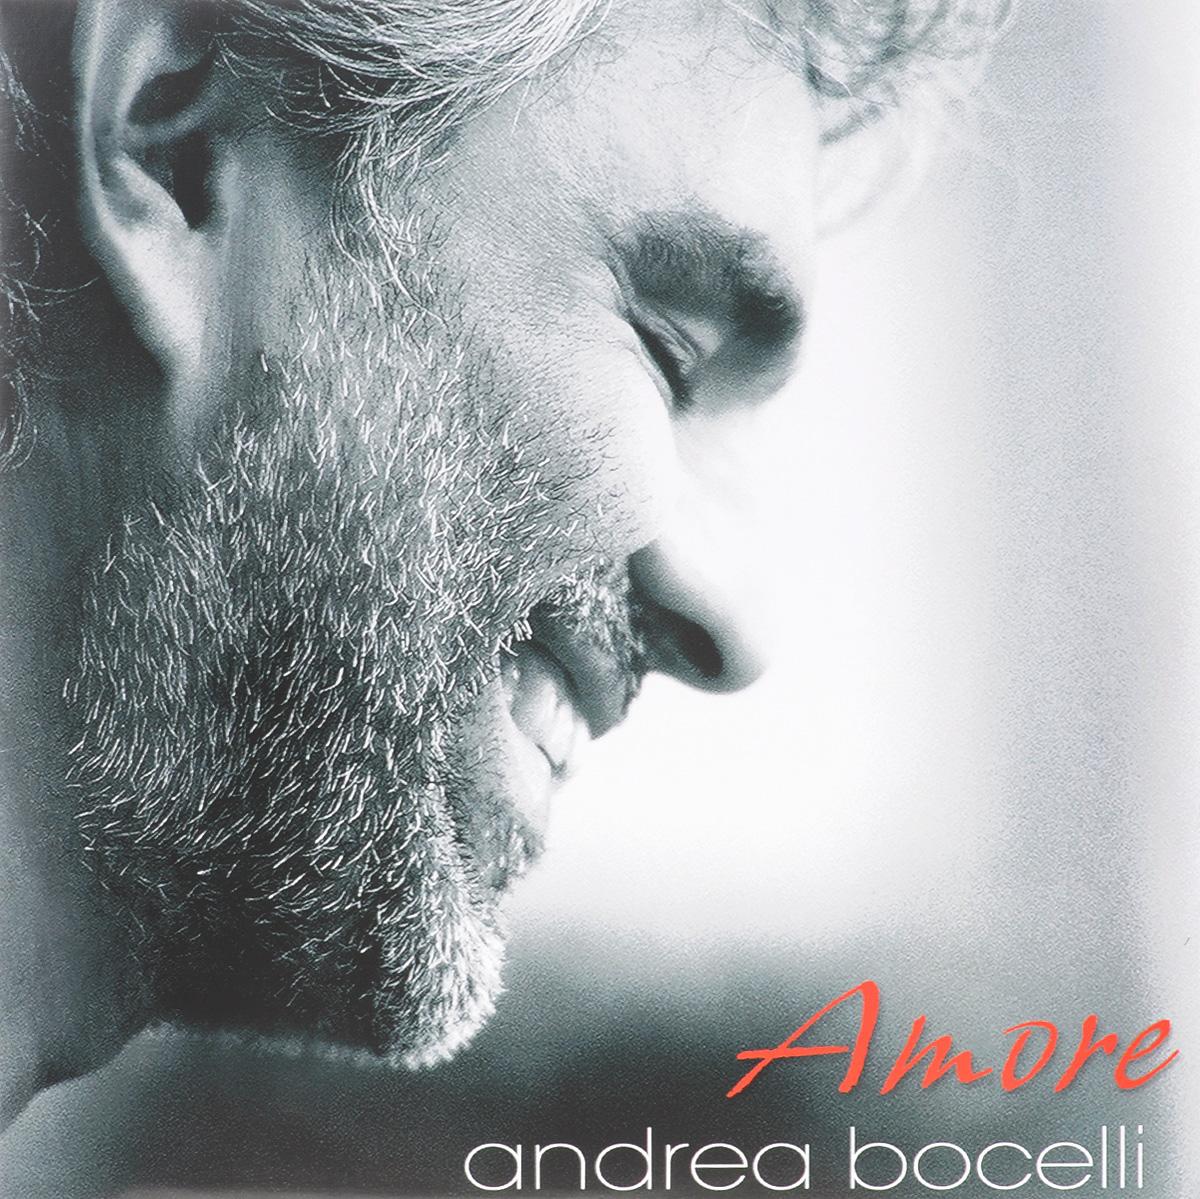 Издание содержит 20-страничный буклет с текстами песен на английском и итальянском языке.